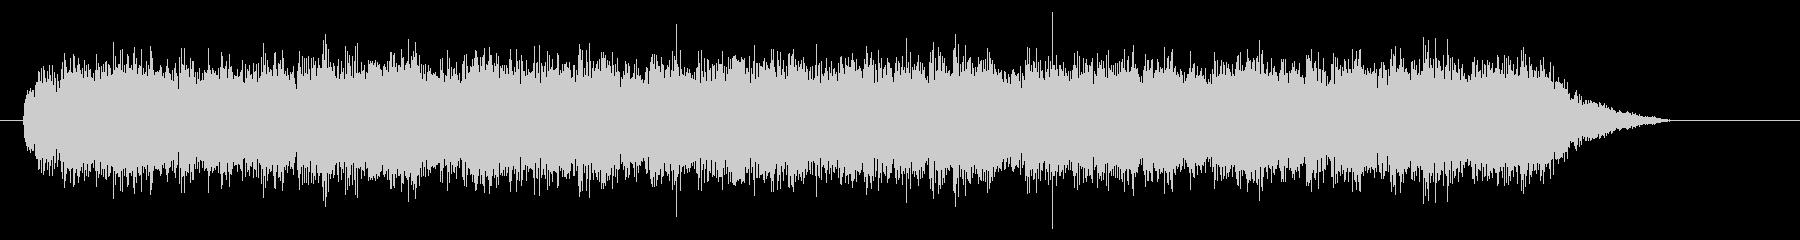 「ダララララ」というスネアのドラムロールの未再生の波形